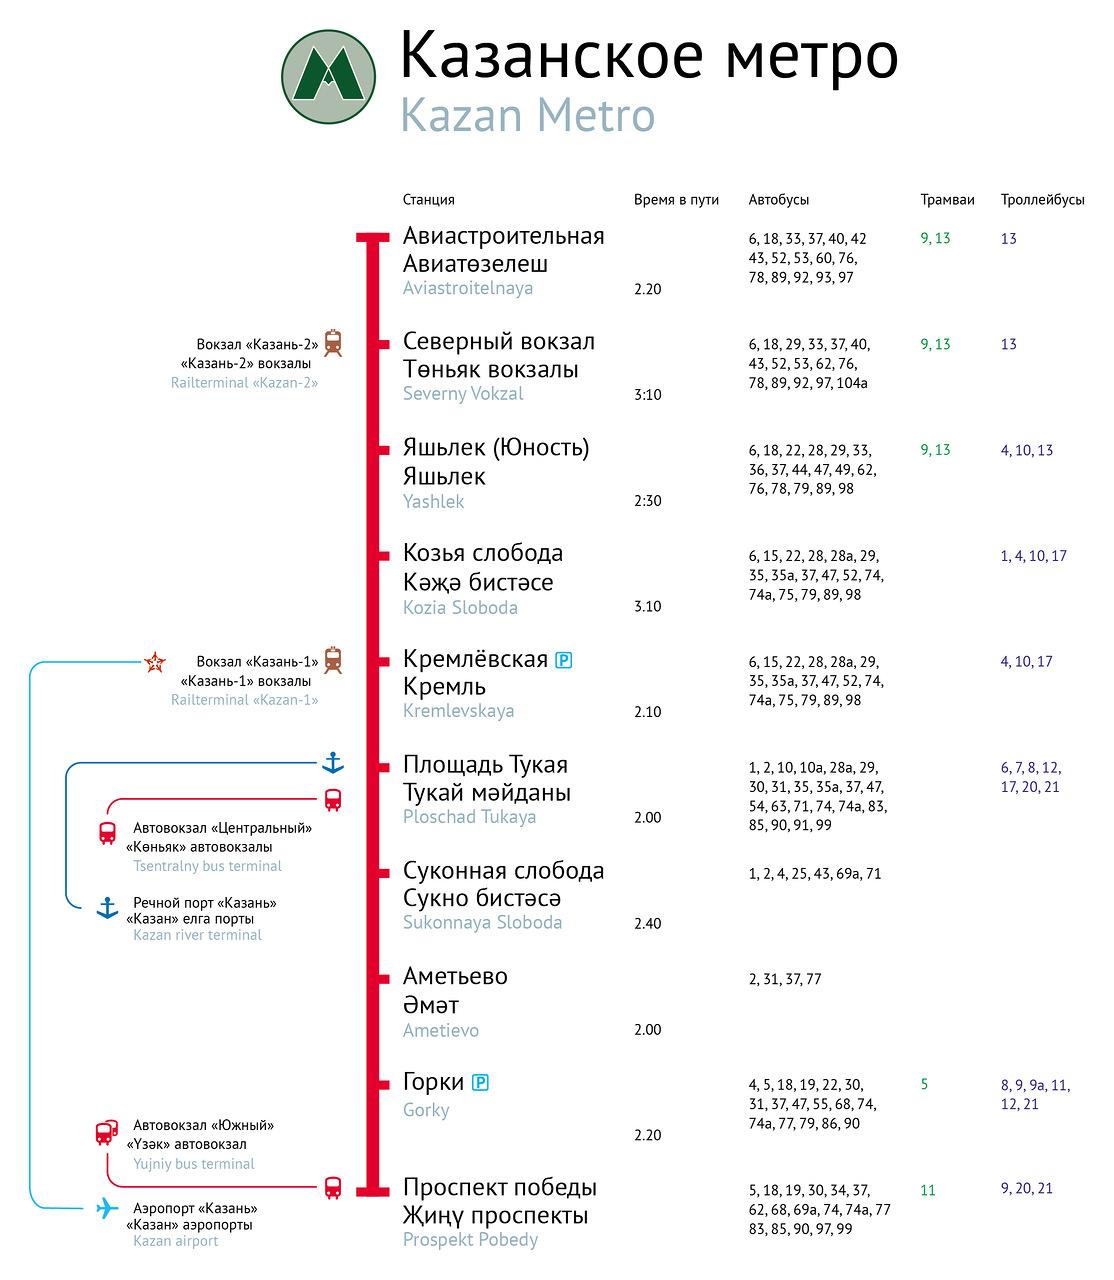 схема строительства метро г,казань